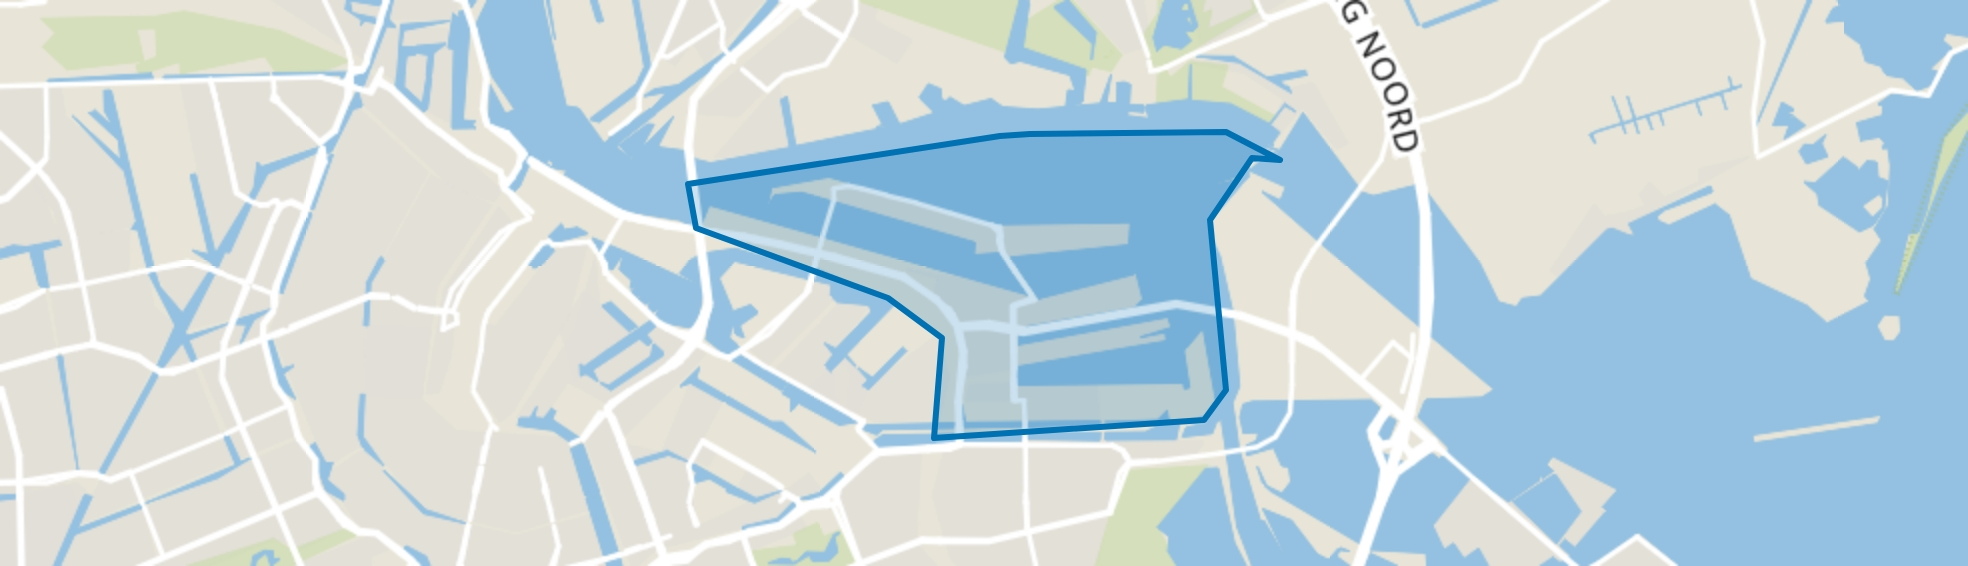 Oostelijk Havengebied, Amsterdam map